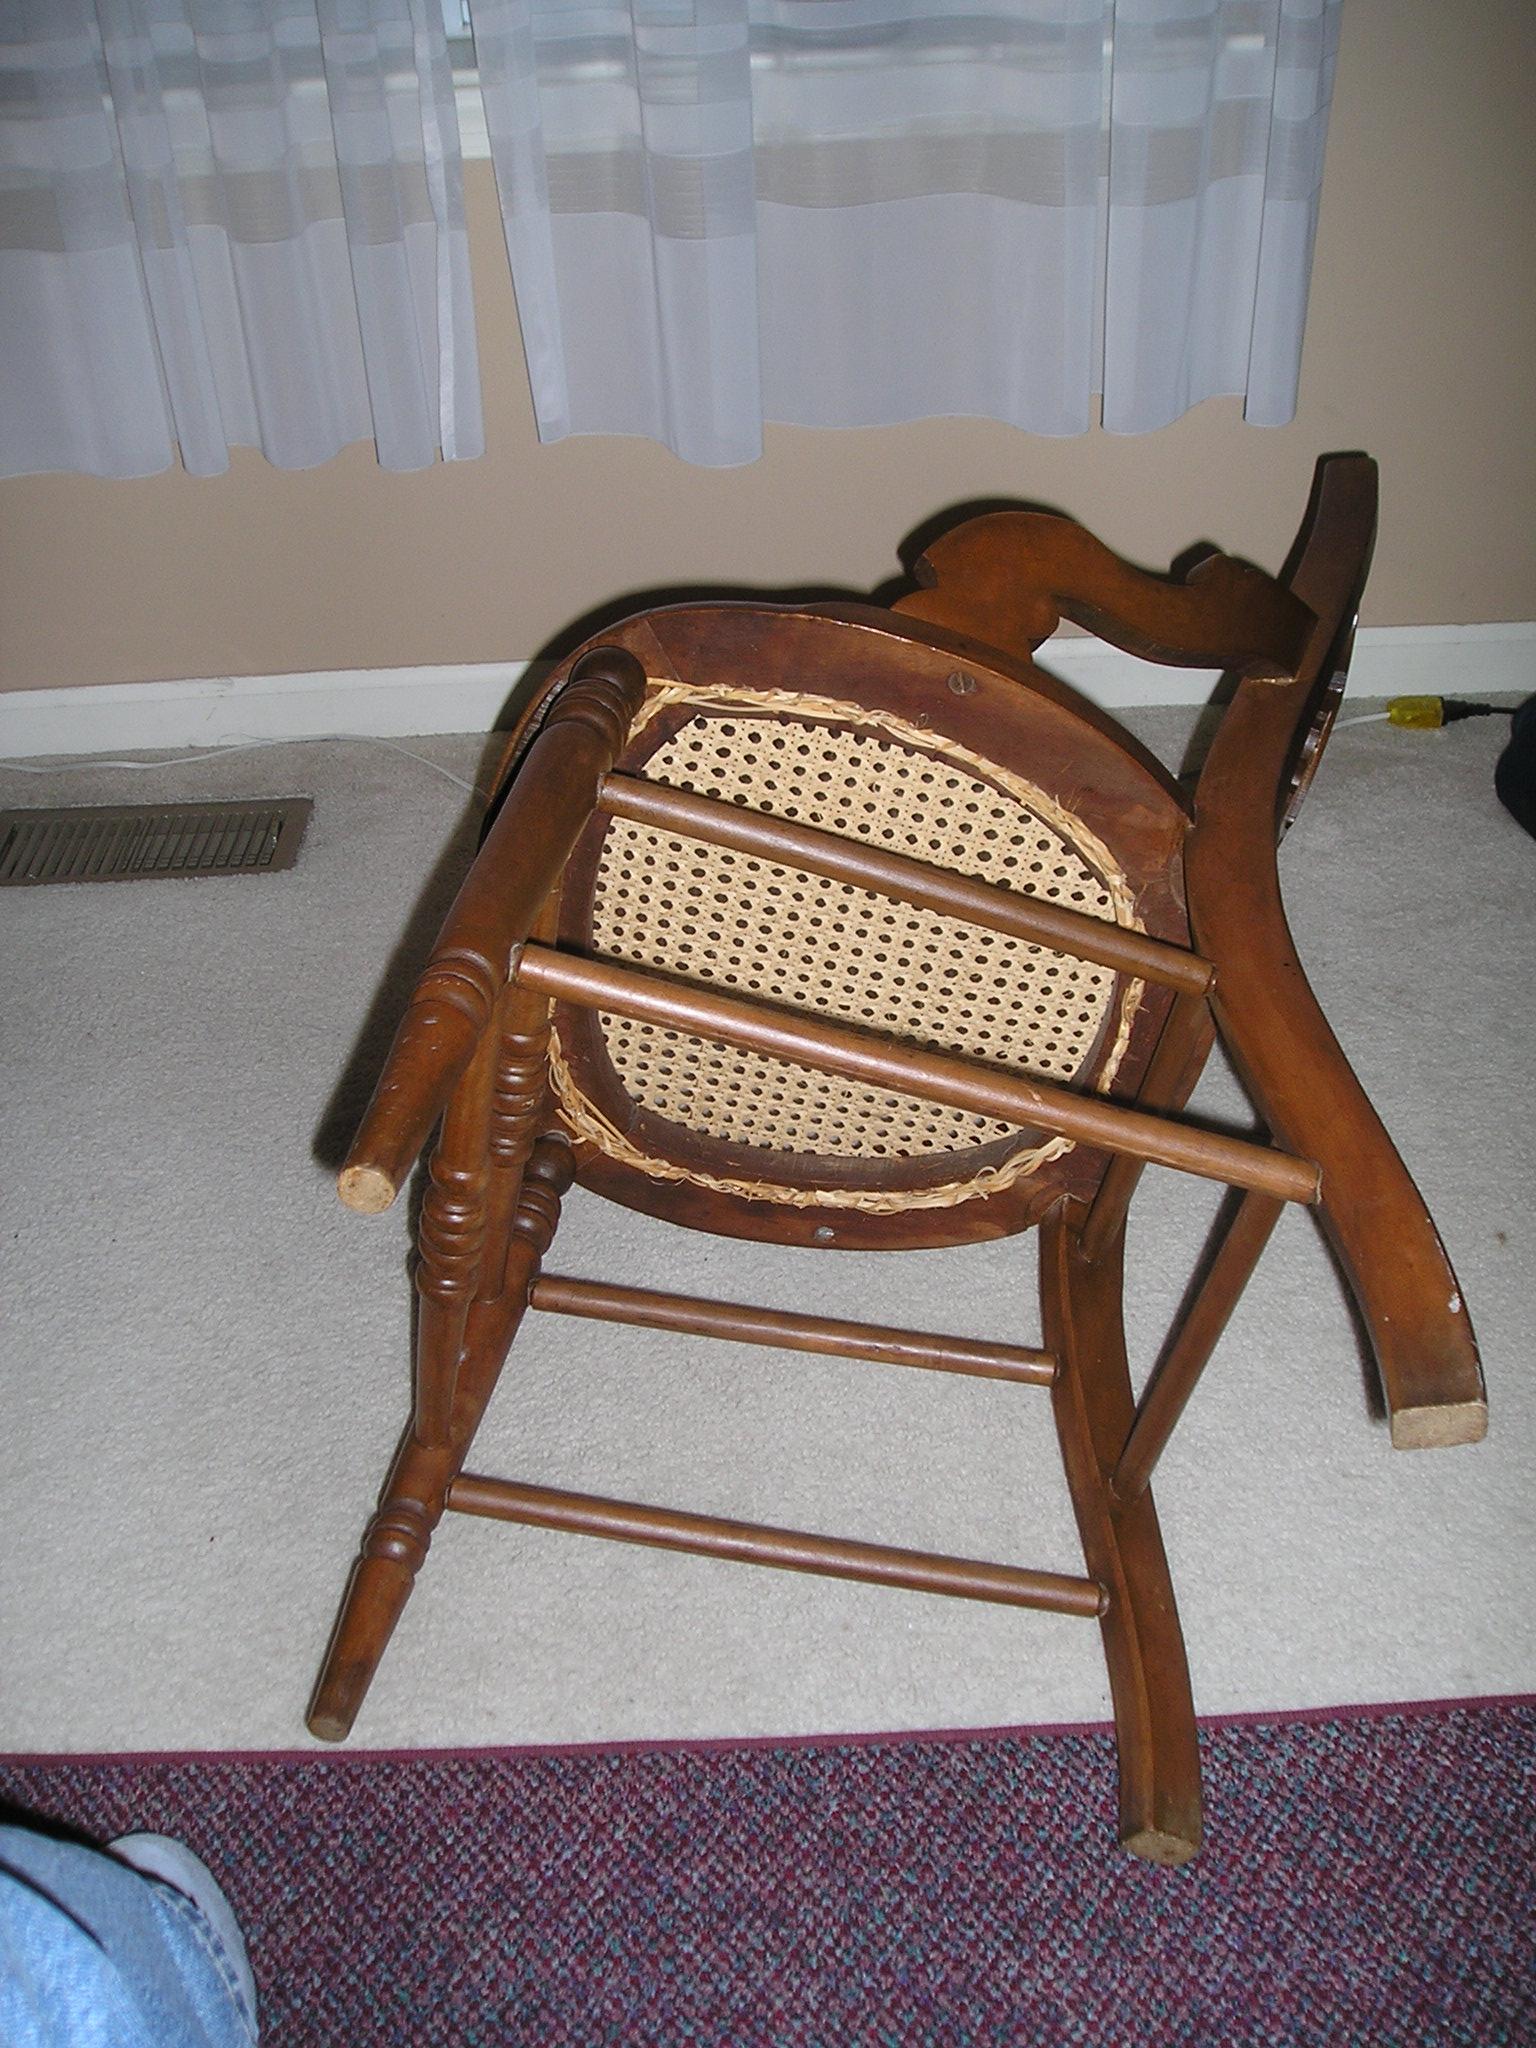 - Eastlake Parlor Chair Set For Sale Antiques.com Classifieds